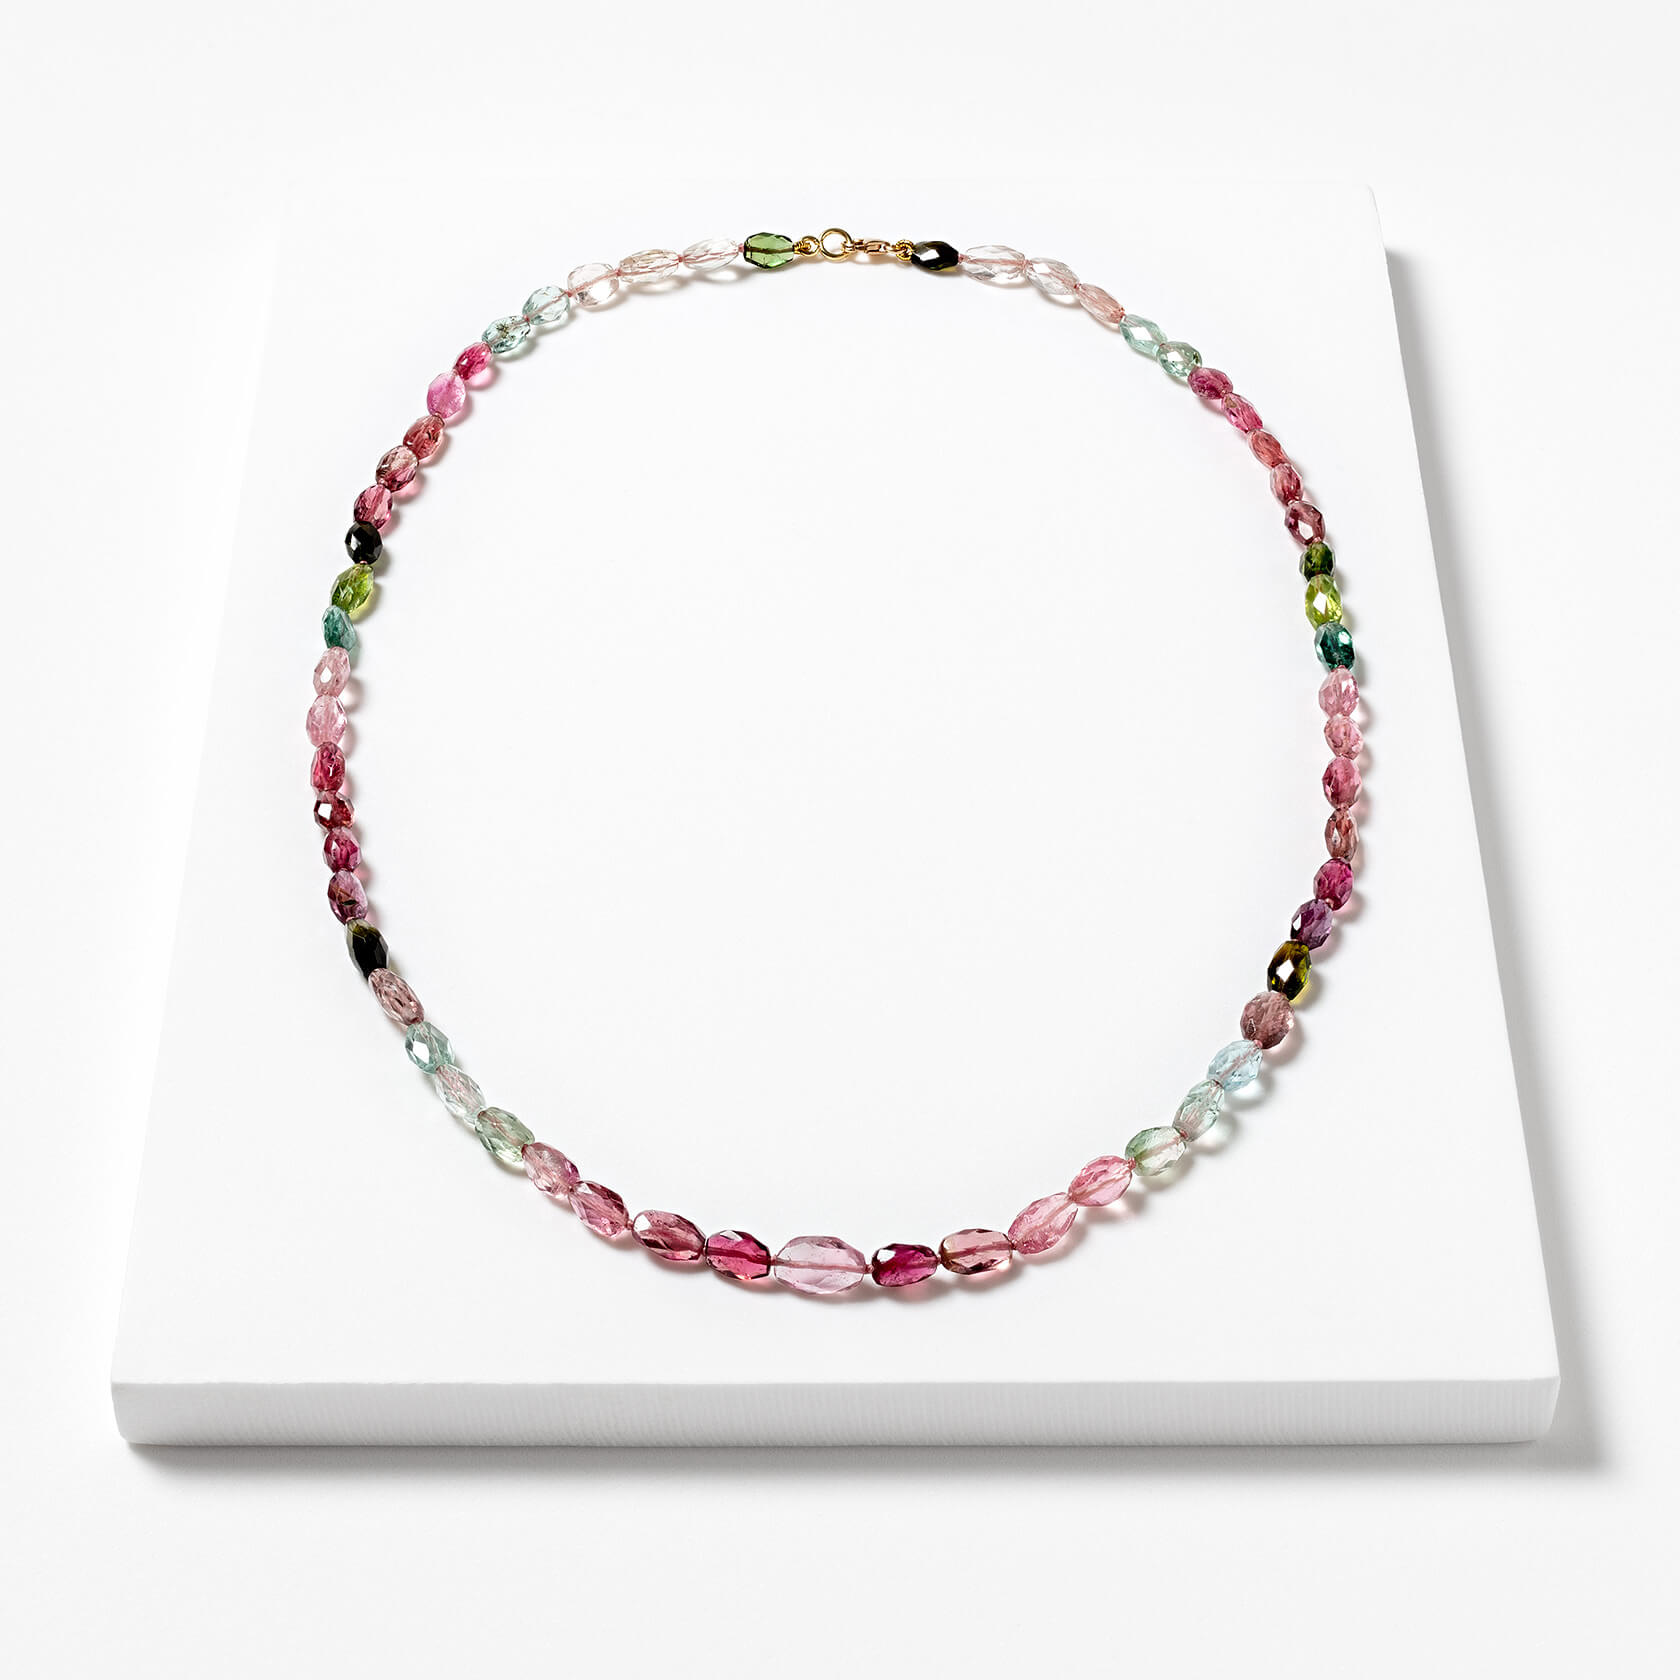 Rose tourmaline necklace Marybola